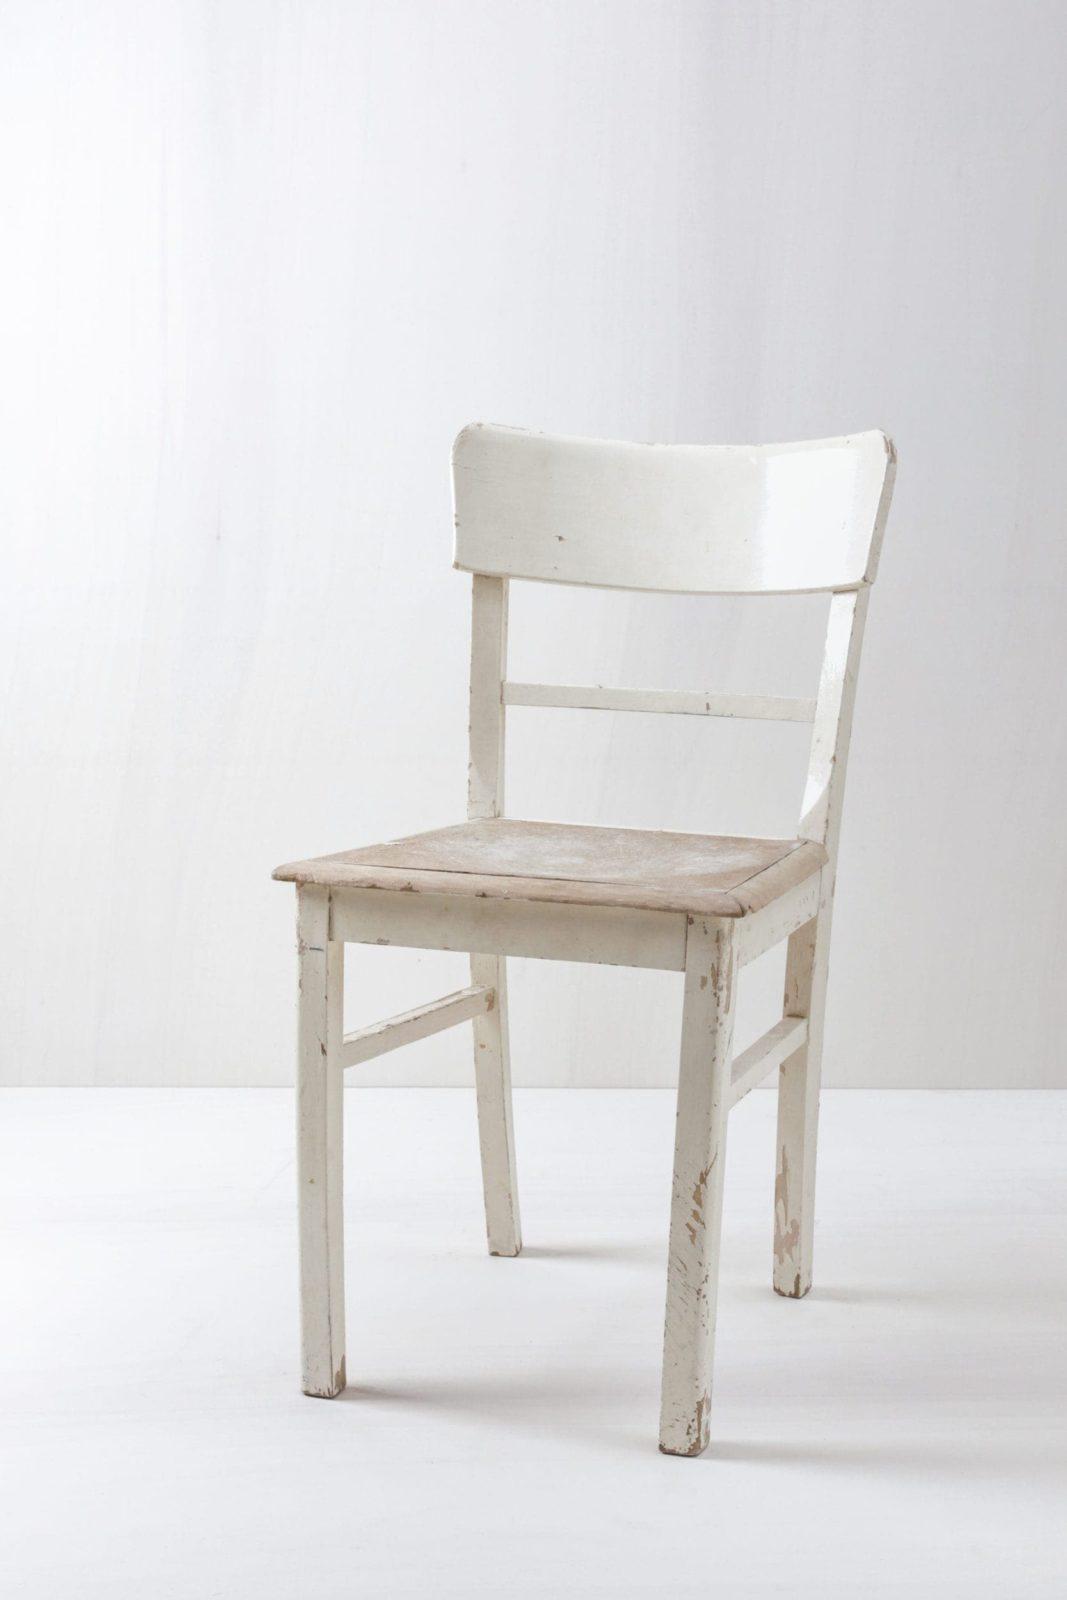 Küchenstuhl Vanesa | Authentischer Küchenstuhl in Shabby Chic. | gotvintage Rental & Event Design